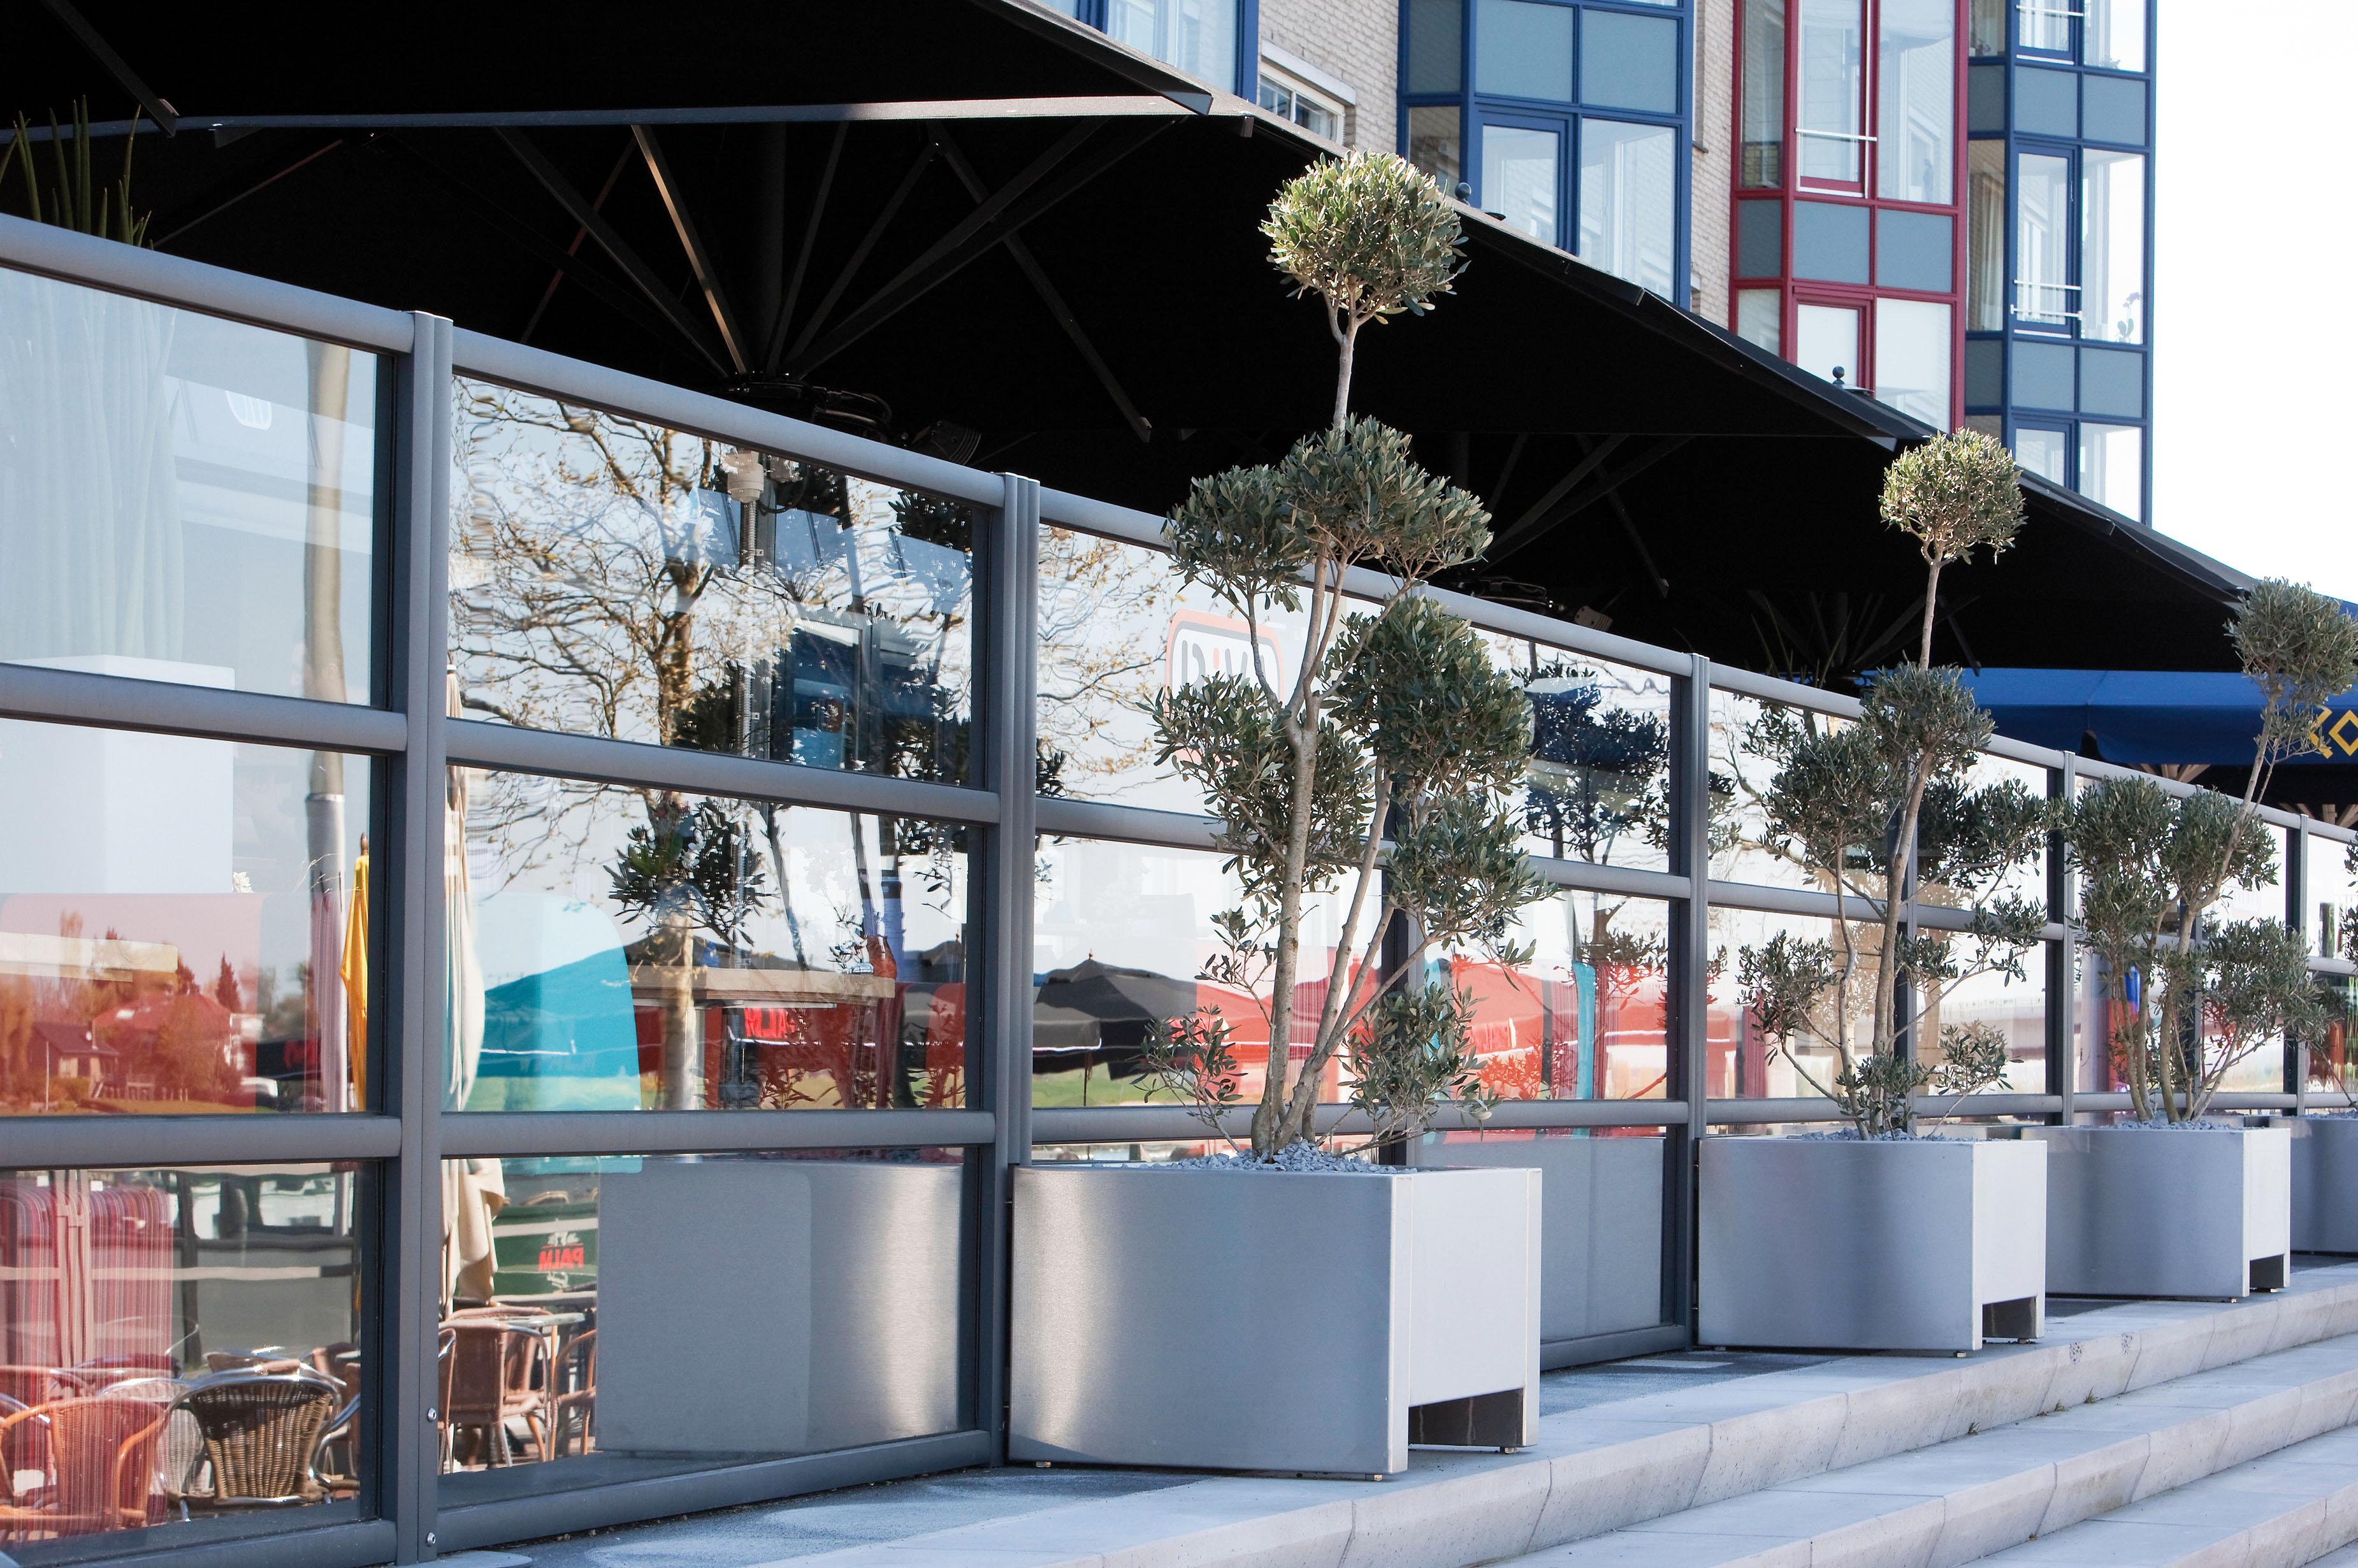 Vier seizoenen genieten van je terras met een windscherm op maat - Windscherm Biarritz van Verano